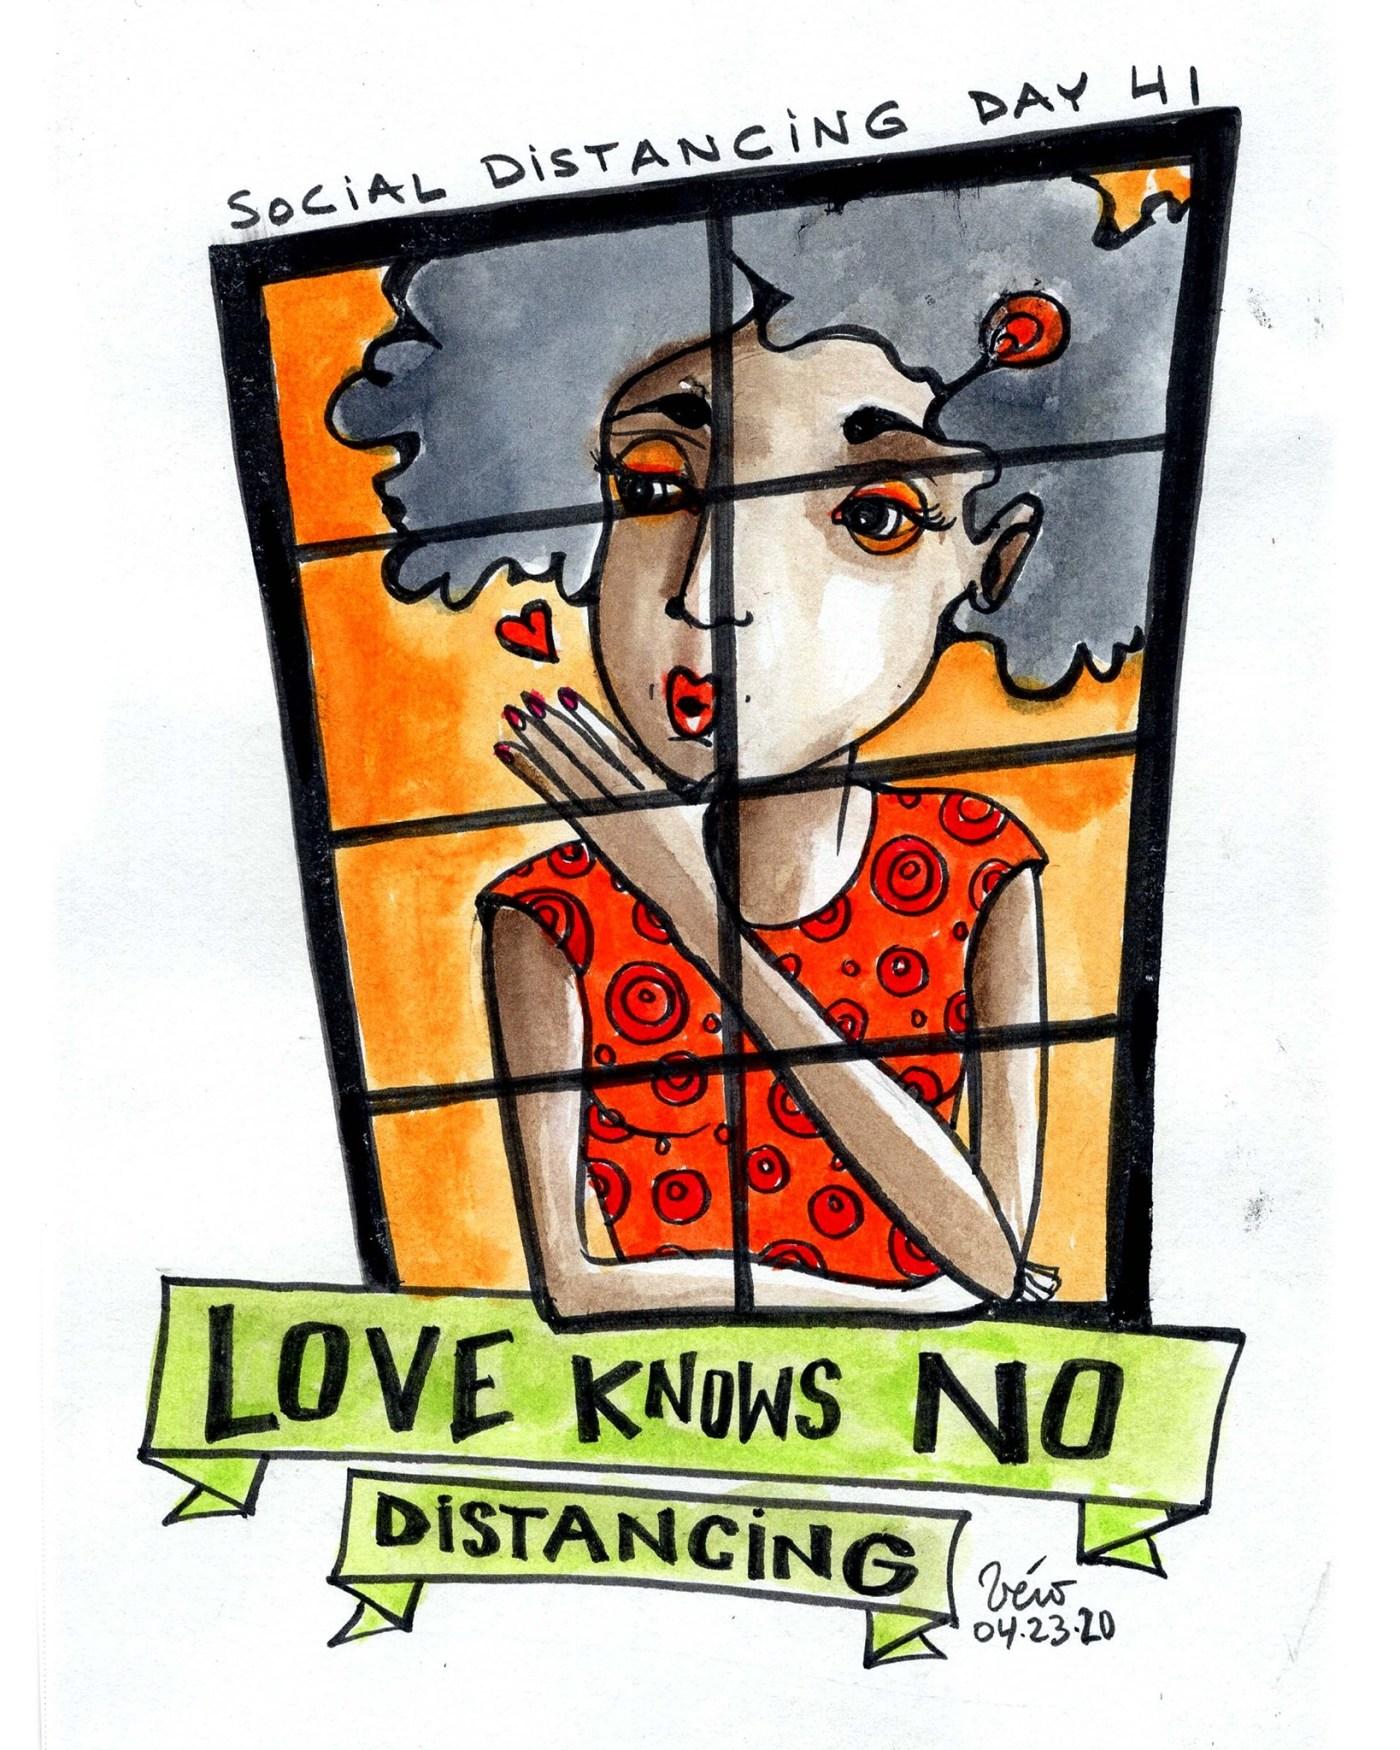 Love Knows No Distancing